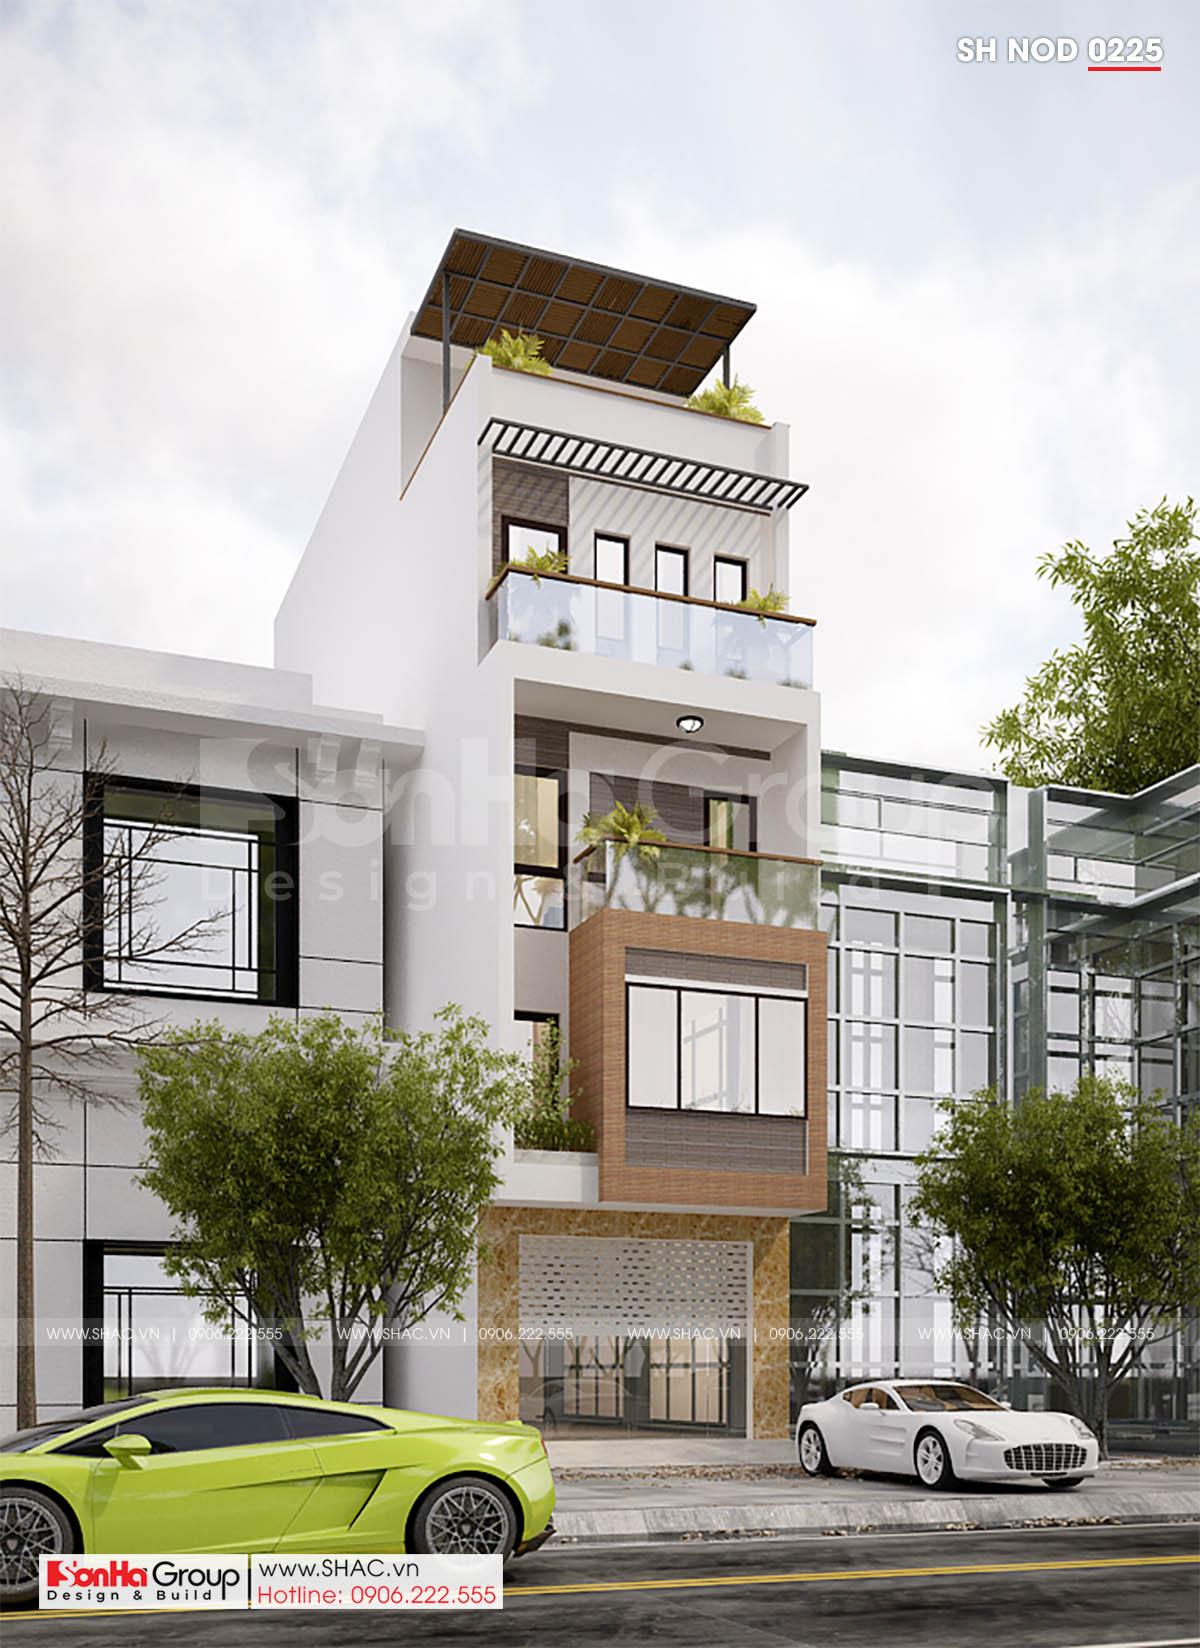 Thiết kế nhà phố hiện đại 4 tầng tại Hải Phòng